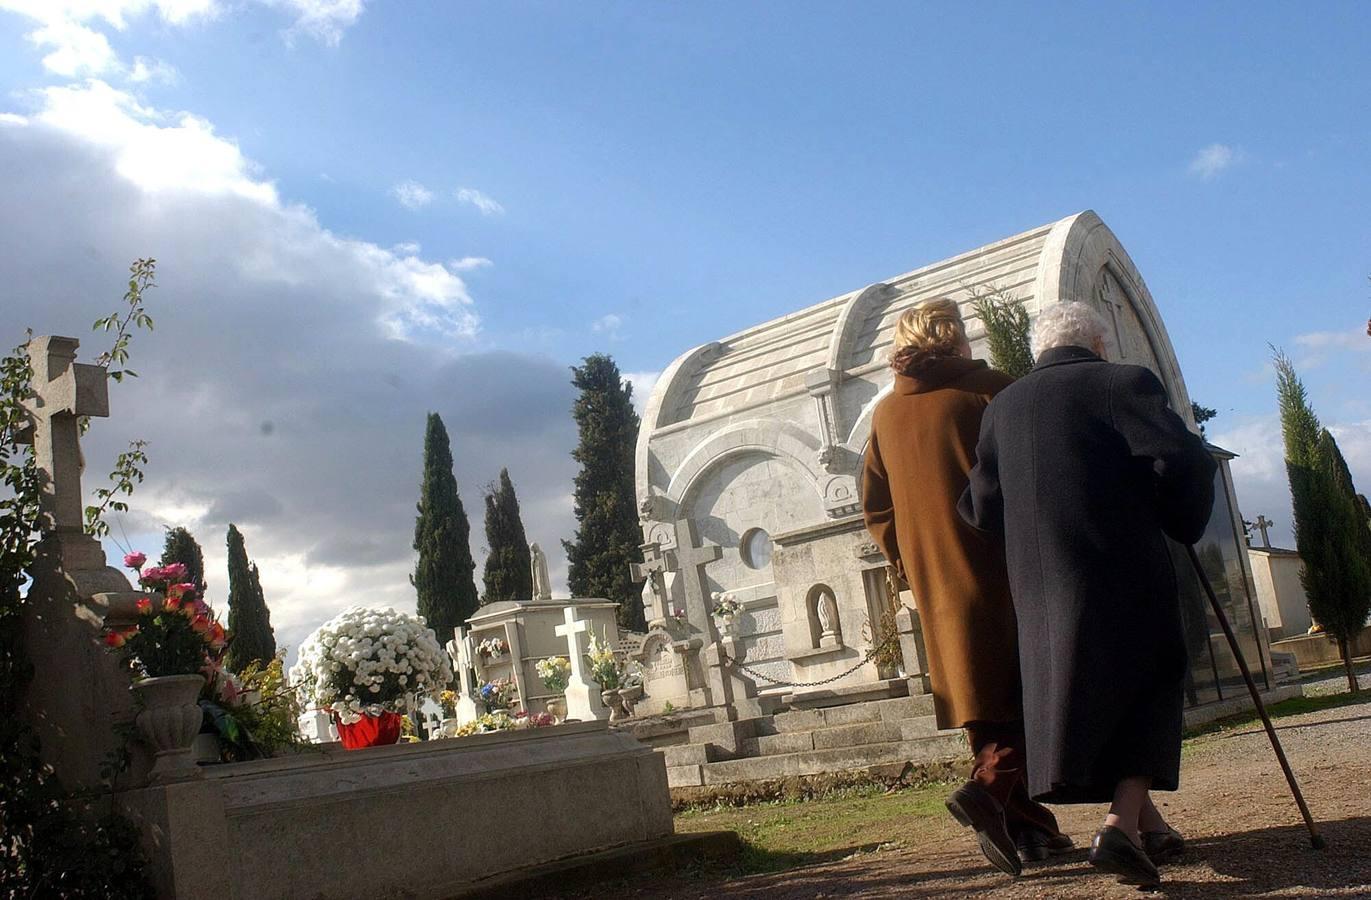 Bienvenido al cementerio